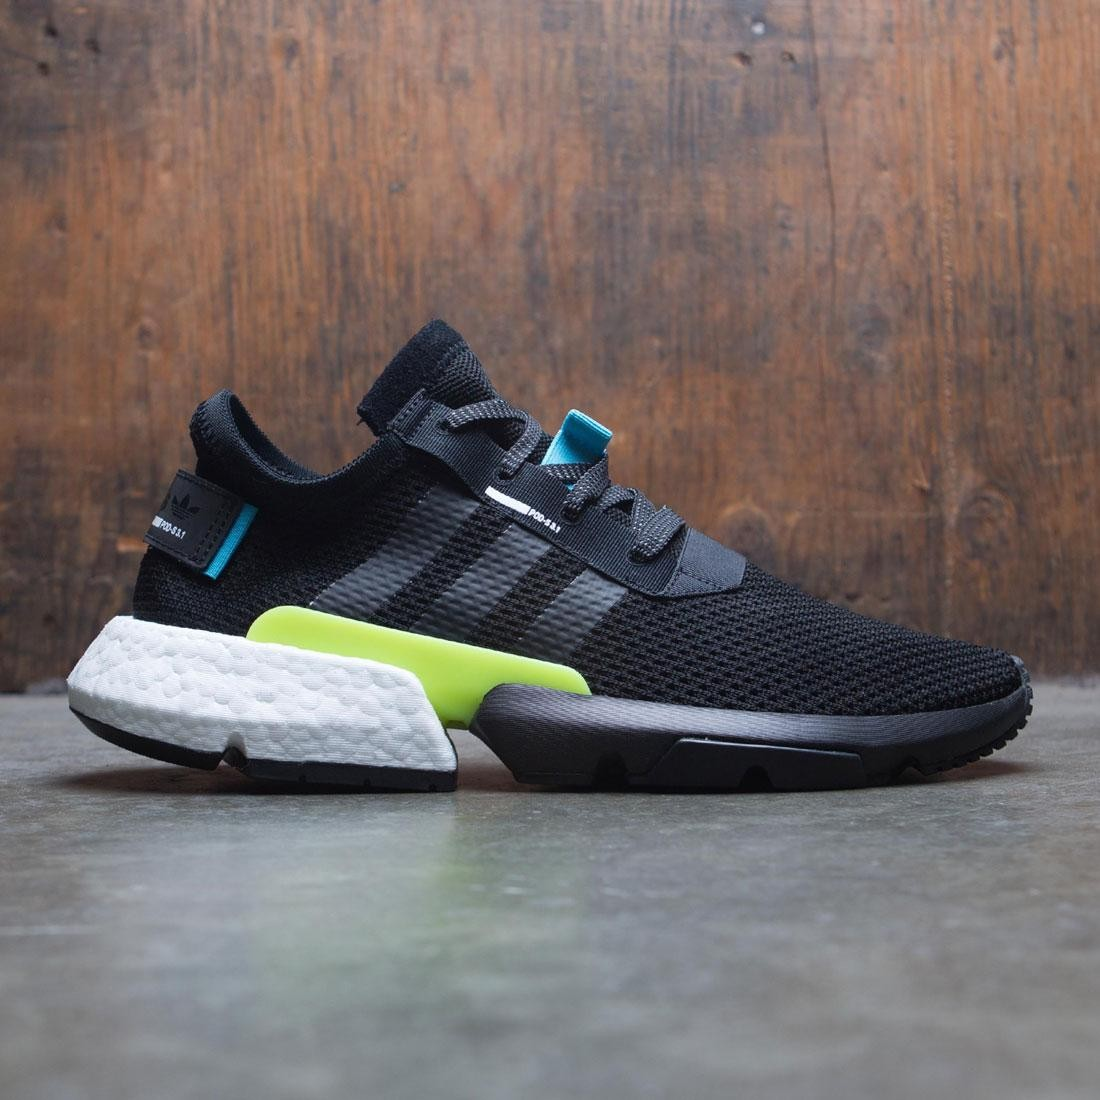 【海外限定】アディダス コア 黒 ブラック GRAY灰色 グレイ PODS3.1 靴 メンズ靴 【 ADIDAS BLACK GREY MEN CORE TWO 】